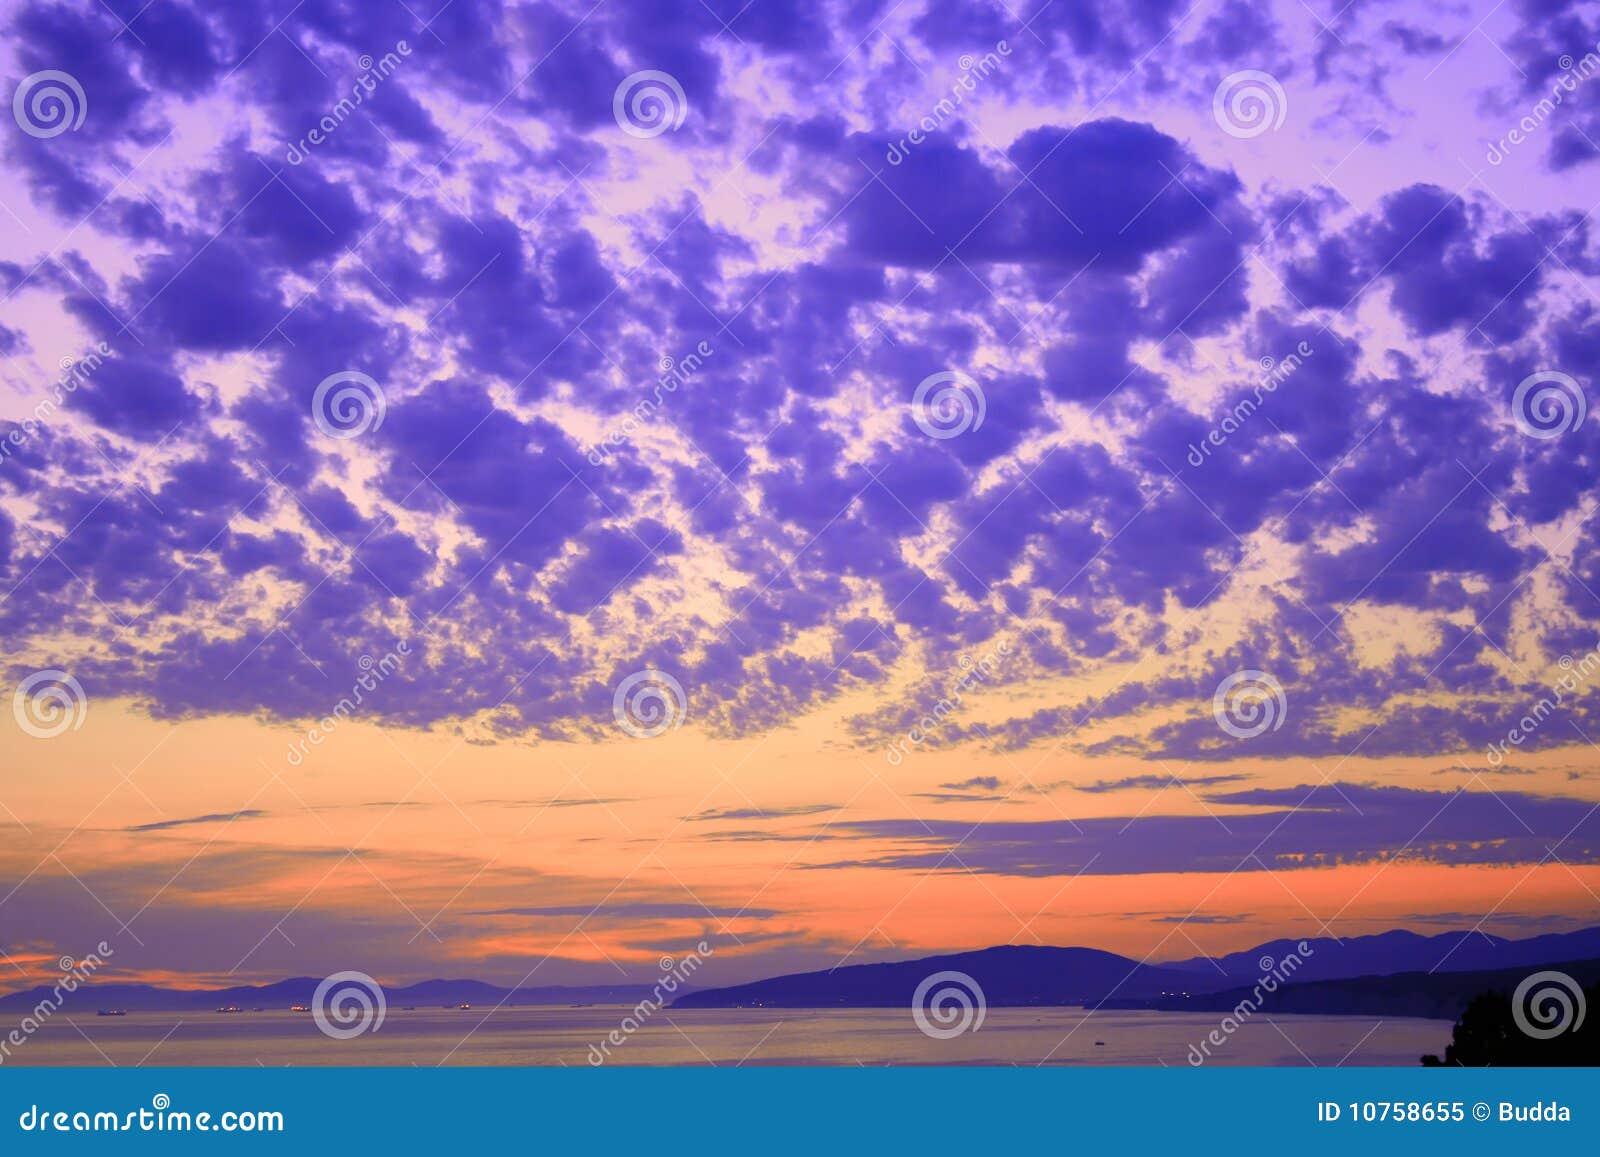 Colorful sky scene